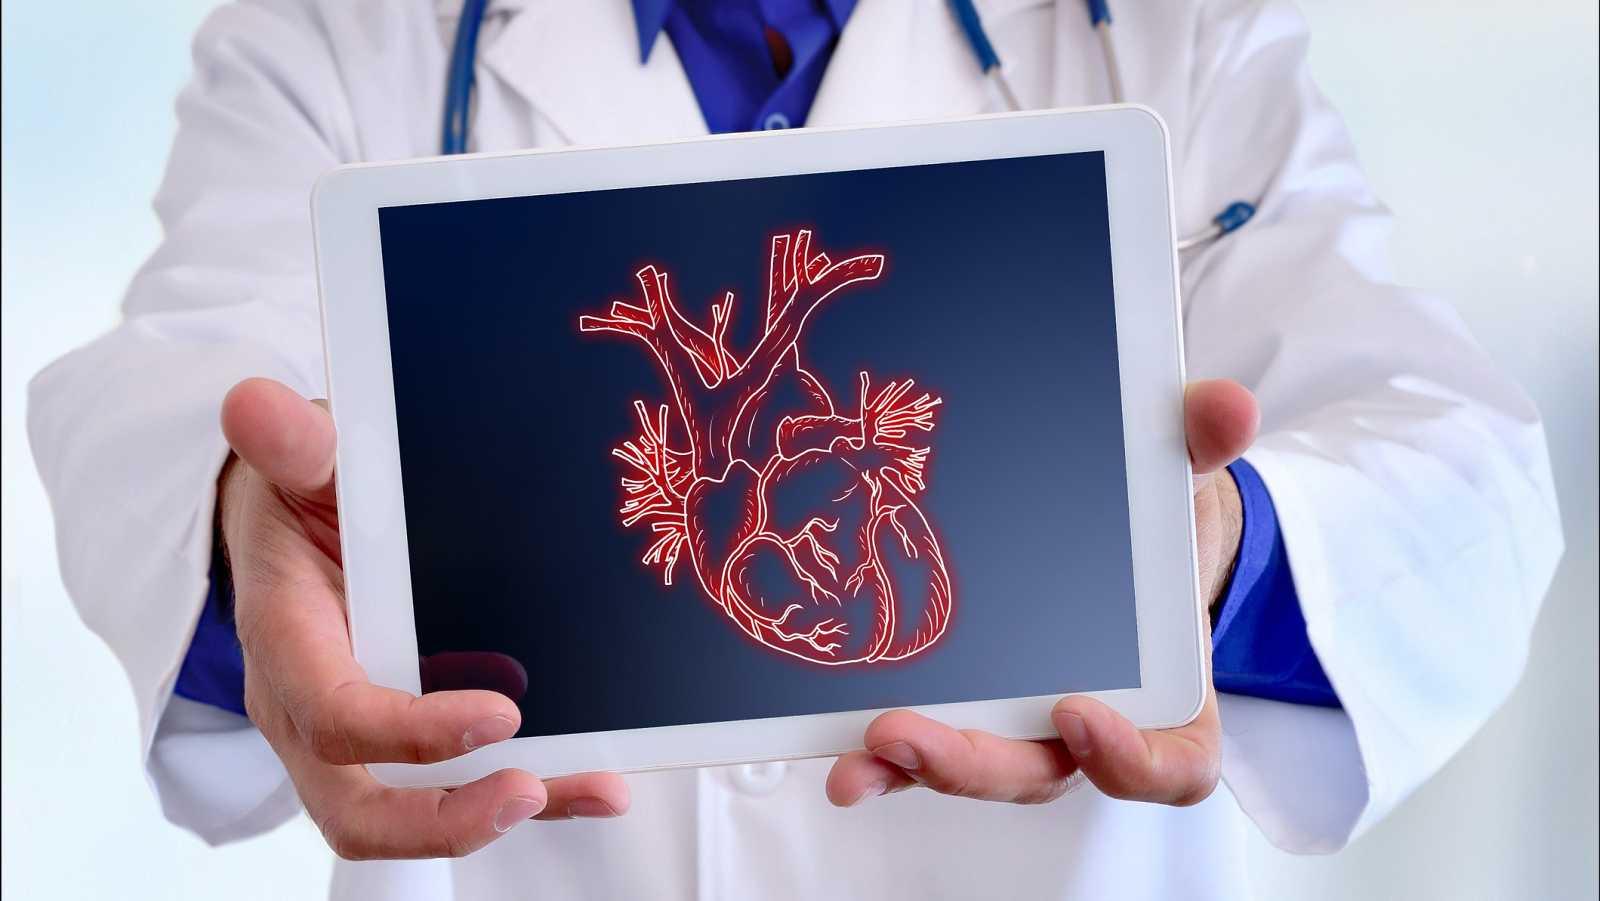 Entrevista al doctor Valentín Fuster, director del estudio sobre las enfermedades cardiovasculares